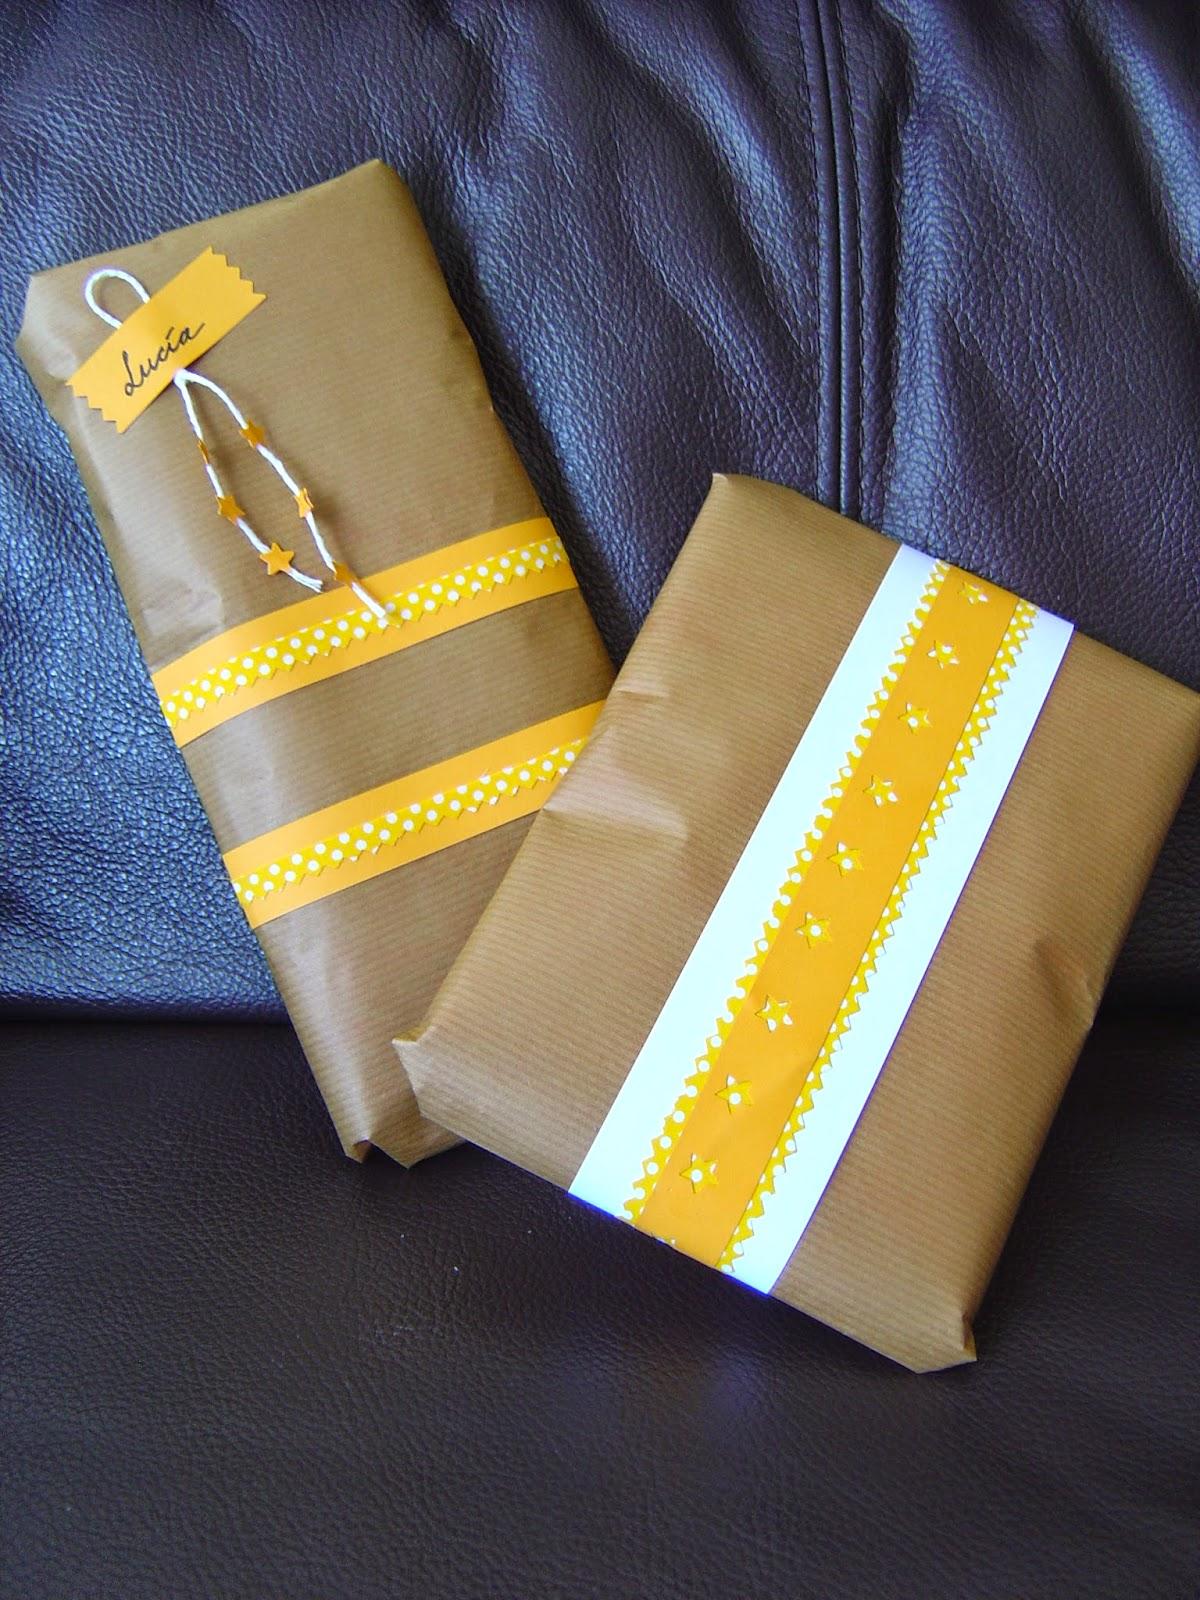 New life el arte de empaquetar - Empaquetado de regalos ...